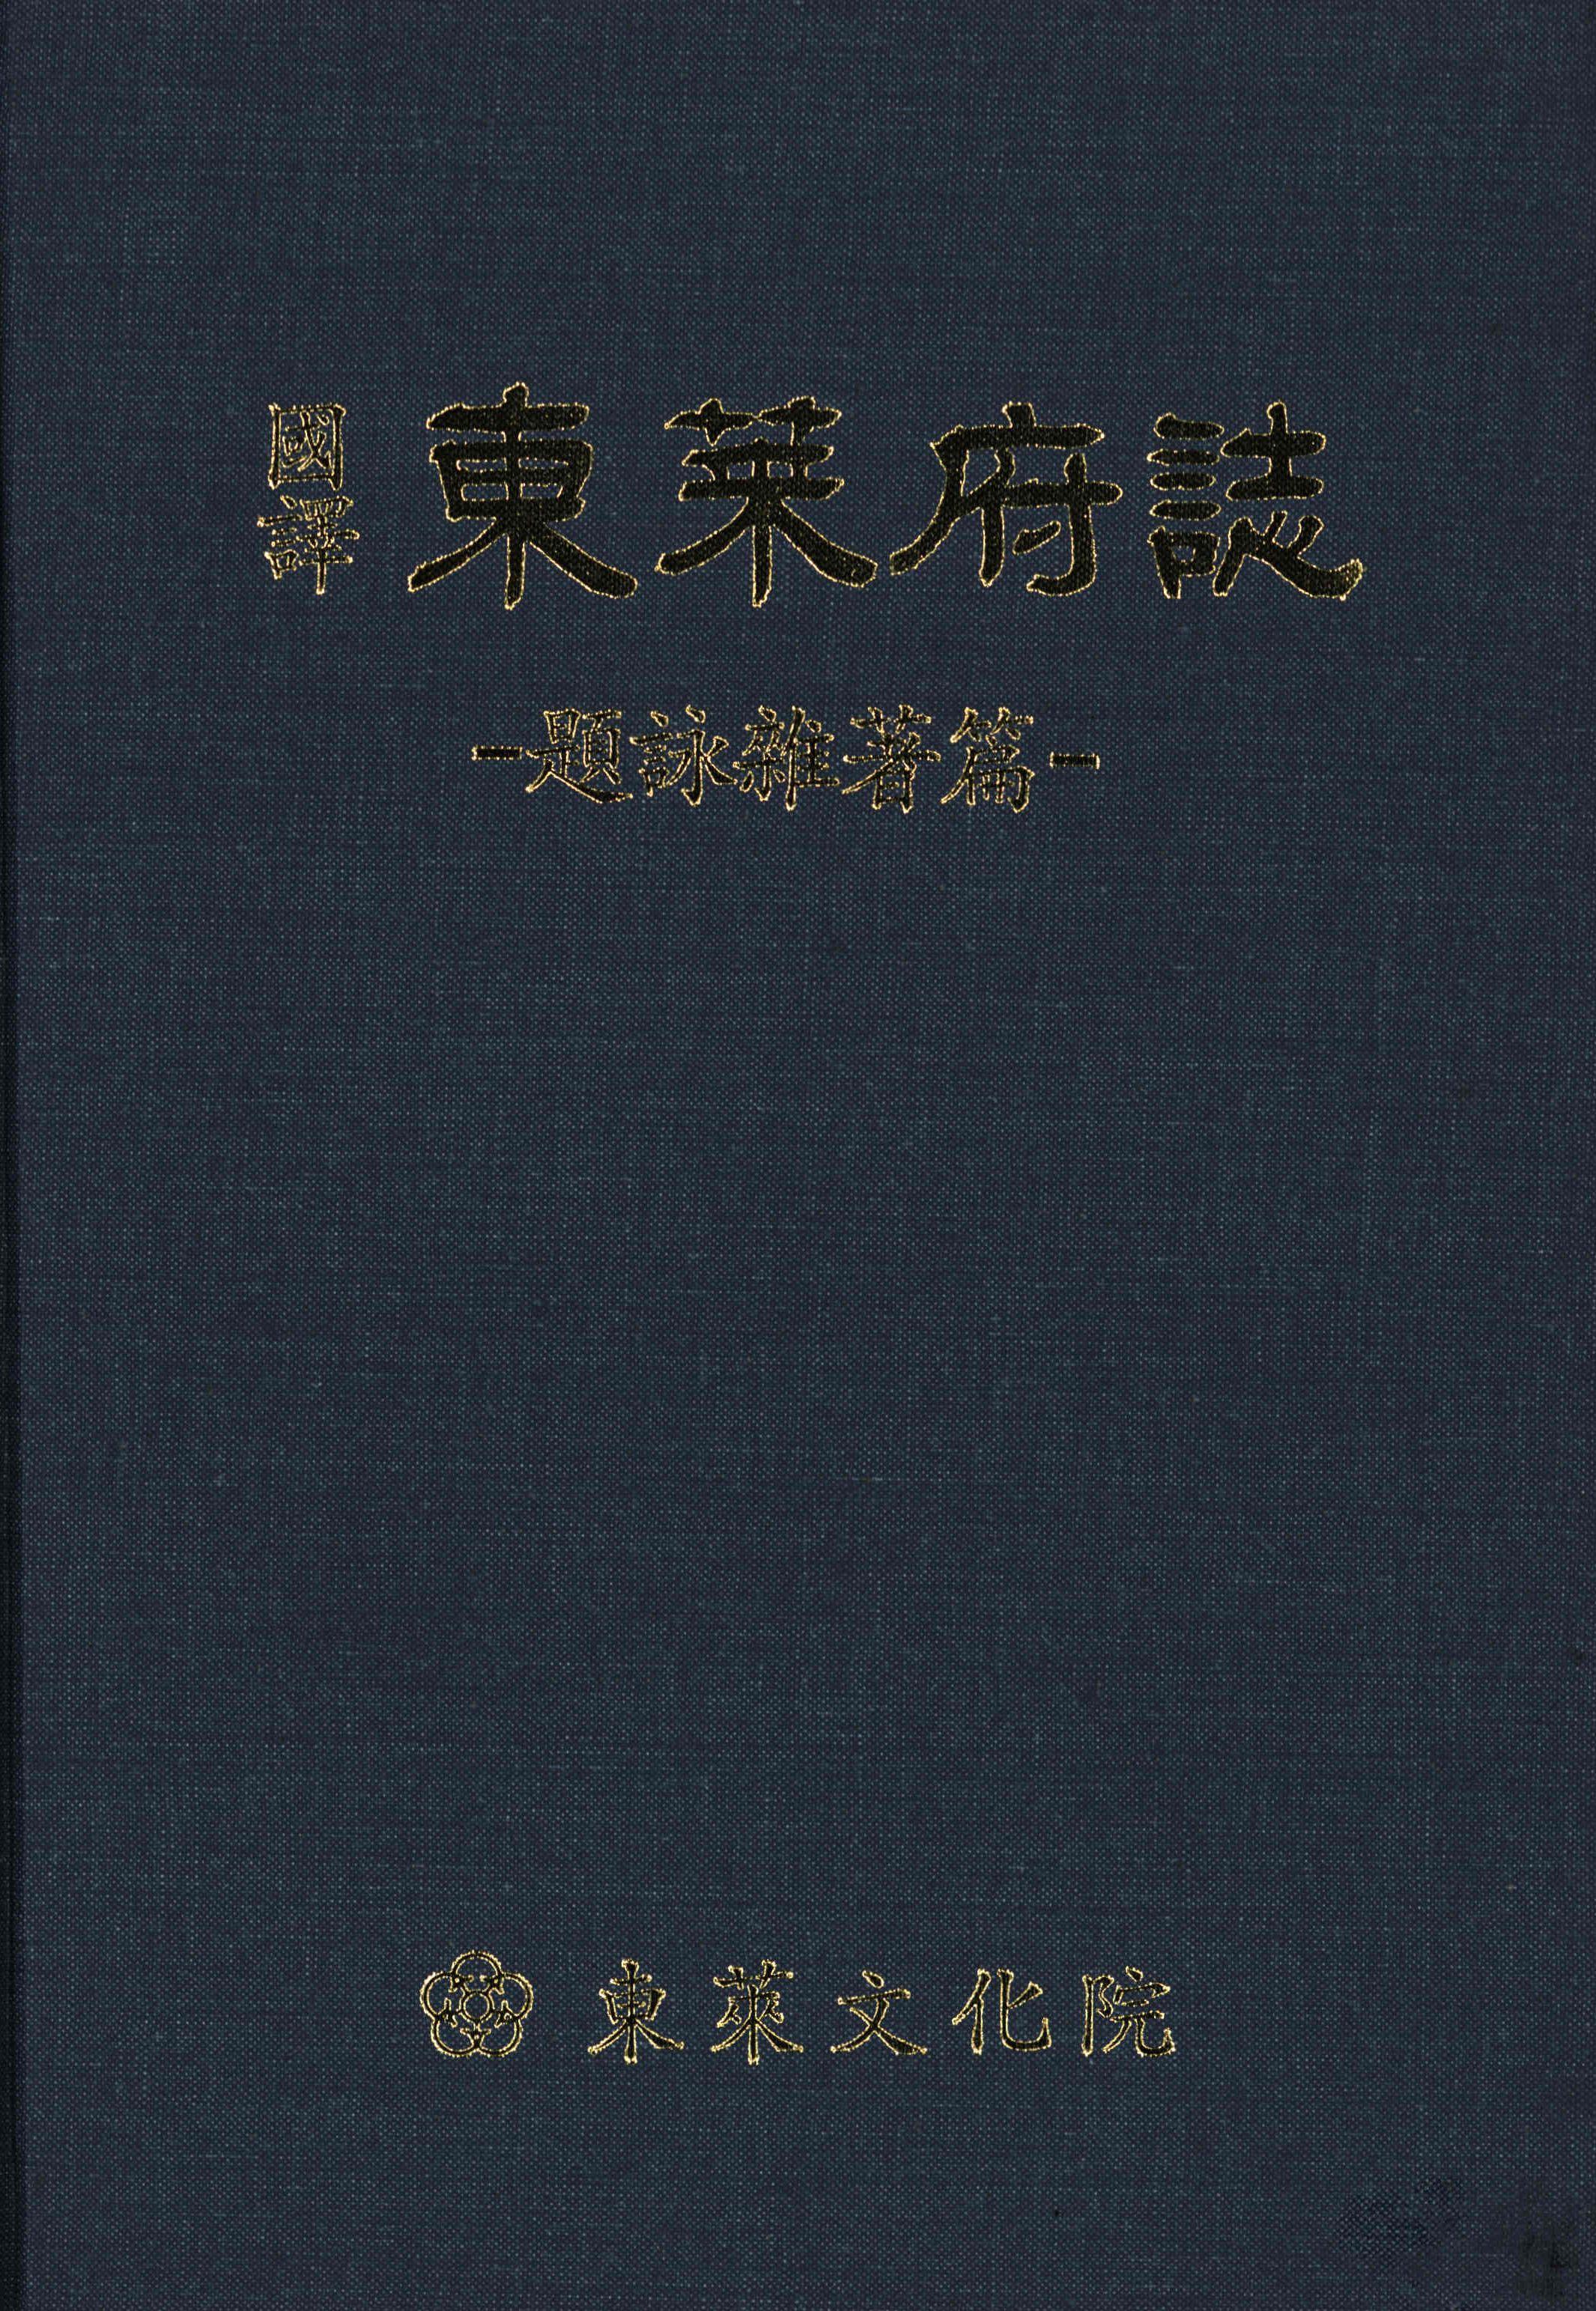 國譯 東萊府誌 (題詠雜著篇)(국역 동래부지 (제영잡저편))